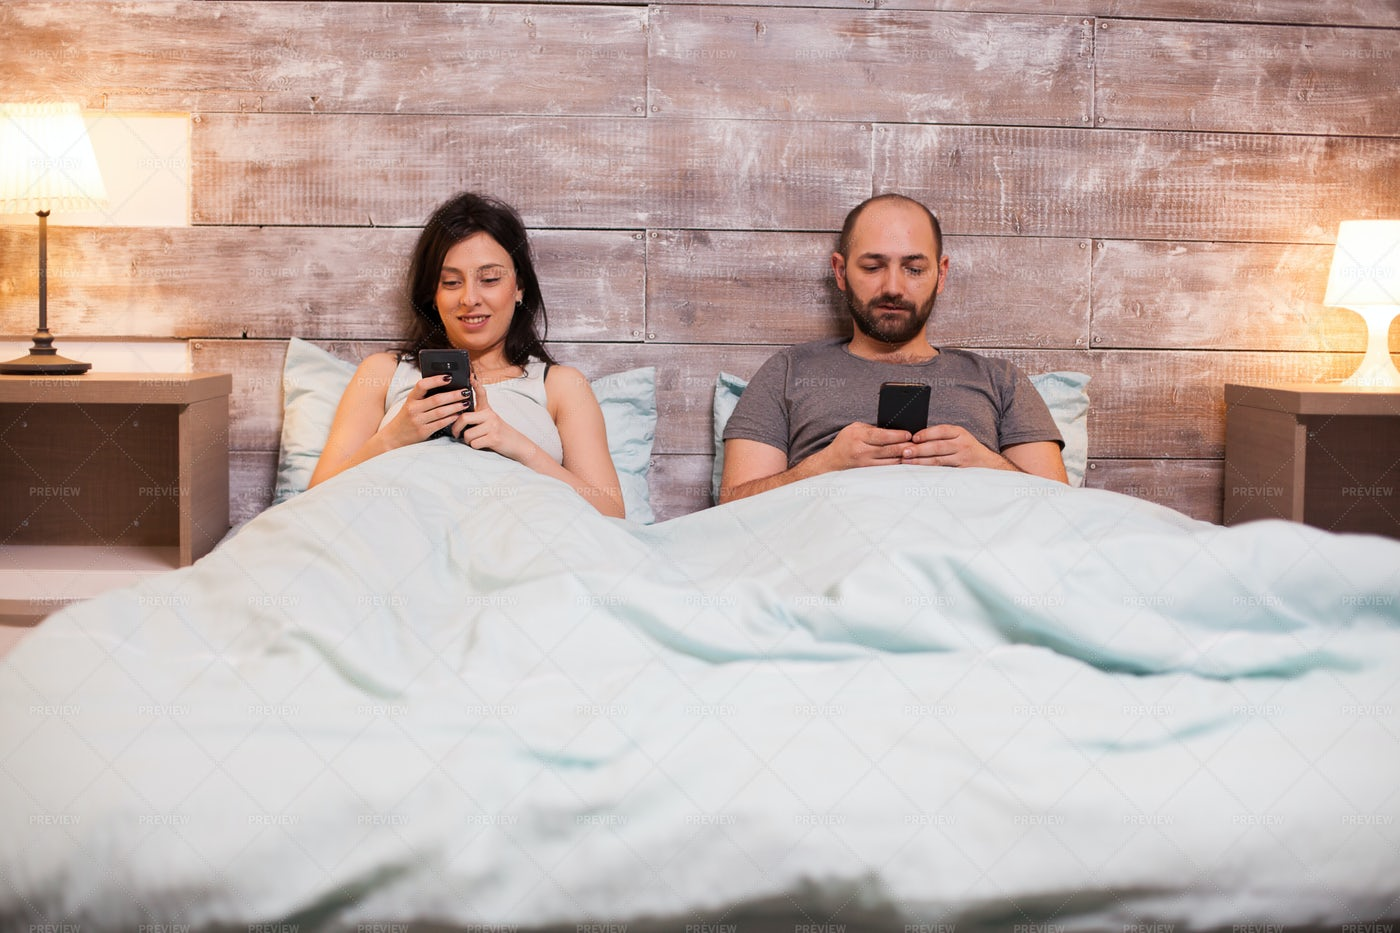 Browsing Smartphones In Bed: Stock Photos